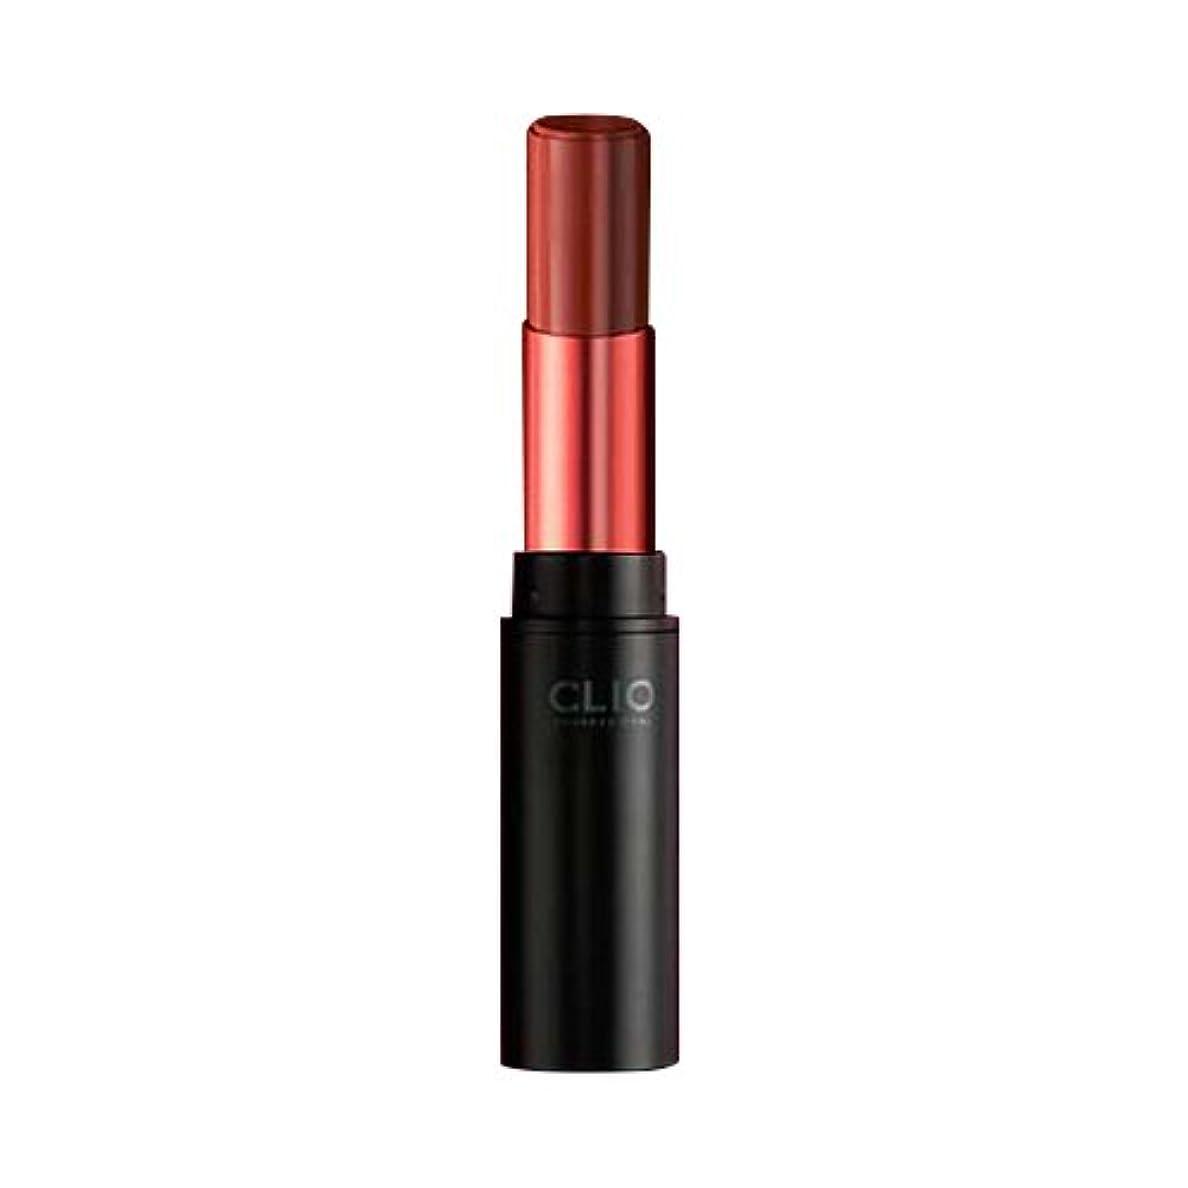 平日取り替える機知に富んだ[New] CLIO Mad Matte Lips 4.5g/クリオ マッド マット リップ 4.5g (#07 Bare It All) [並行輸入品]